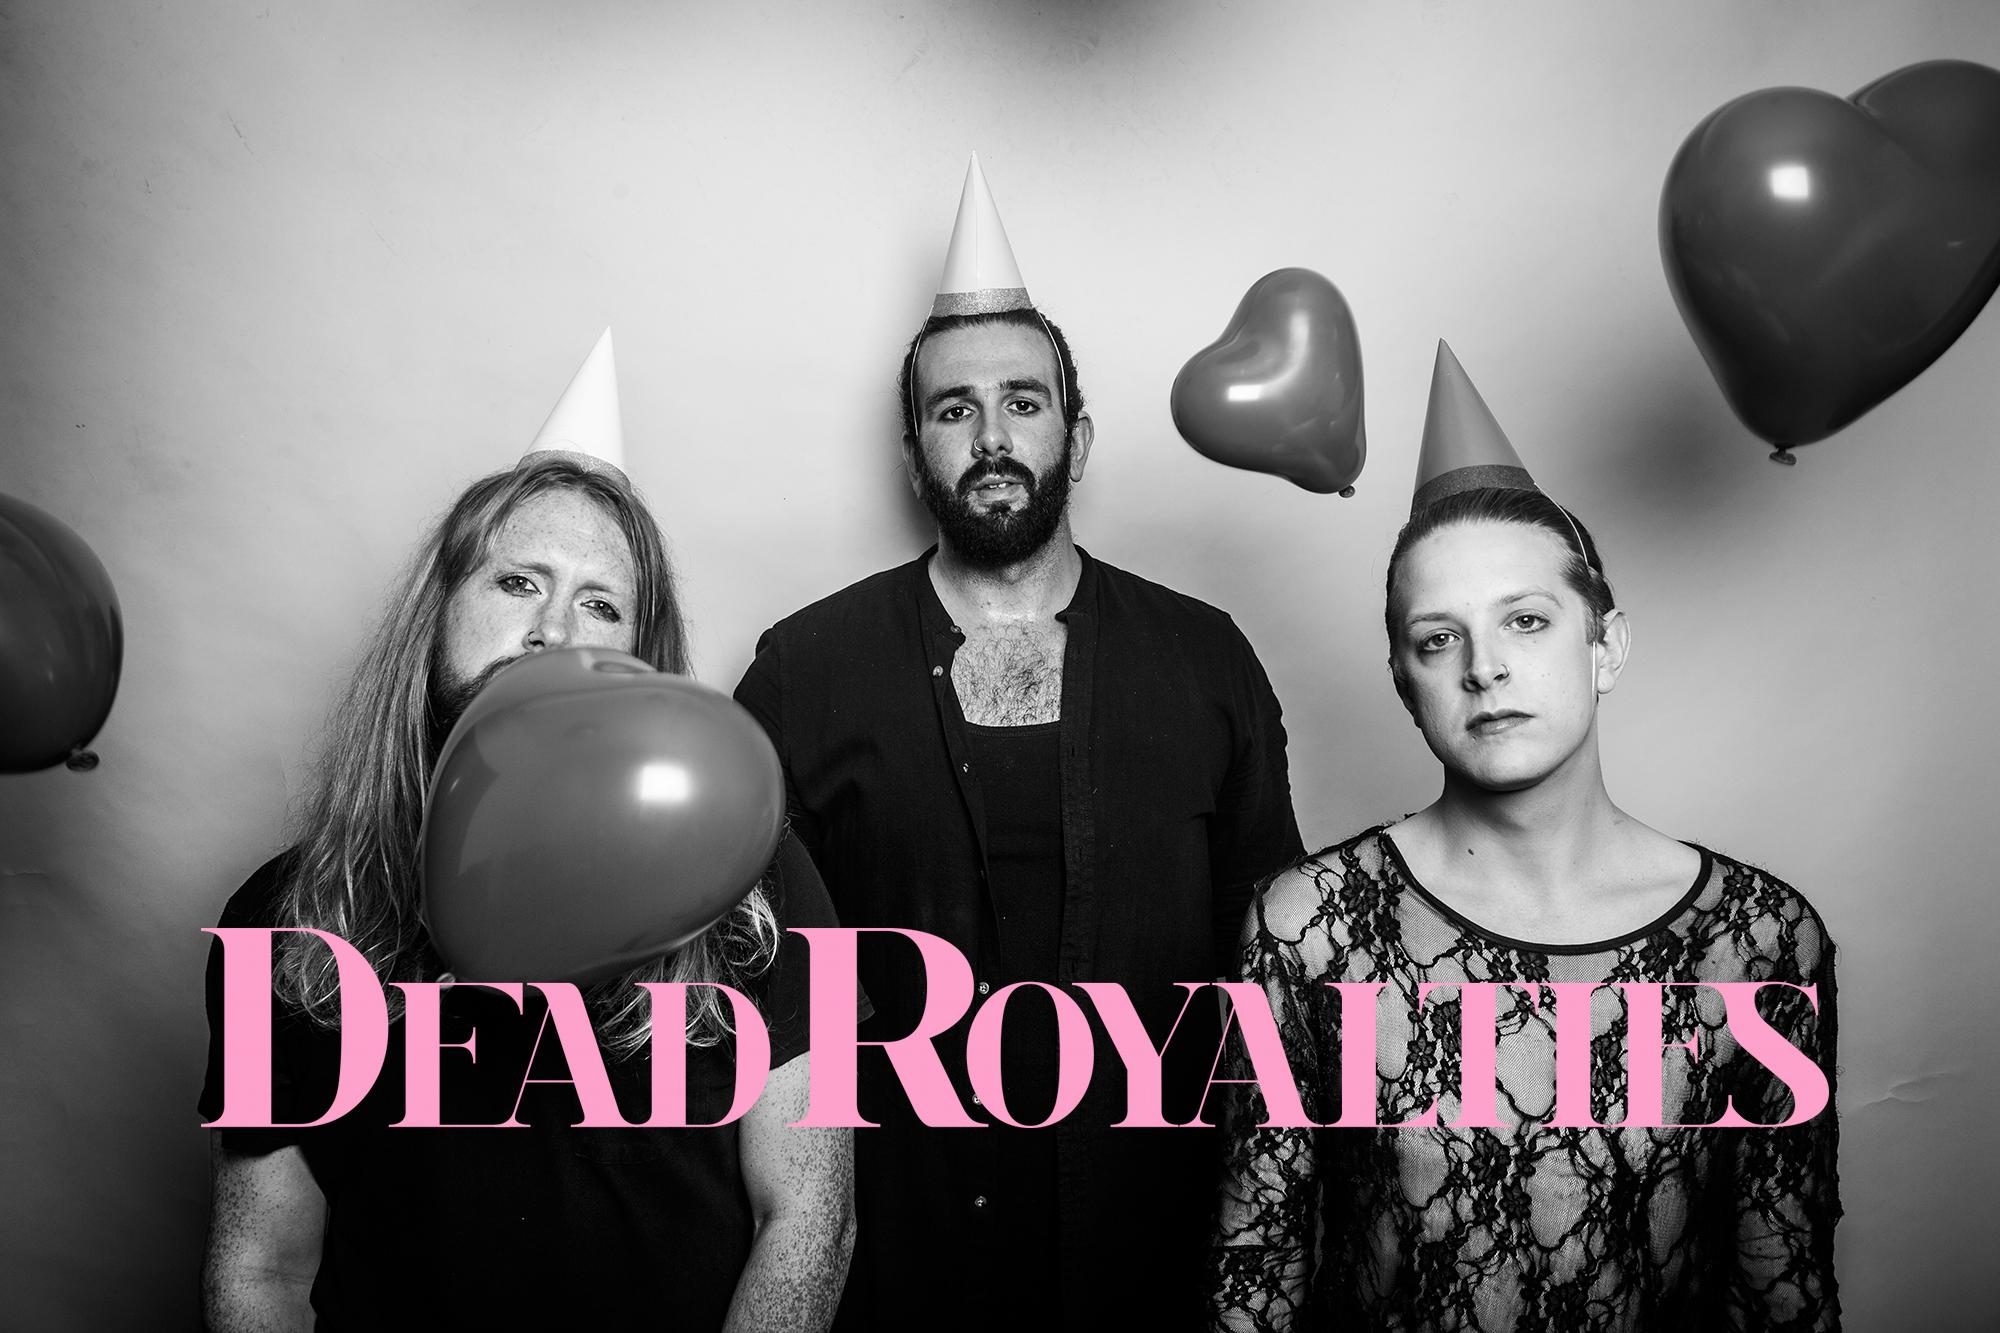 DEAD ROYALTIES